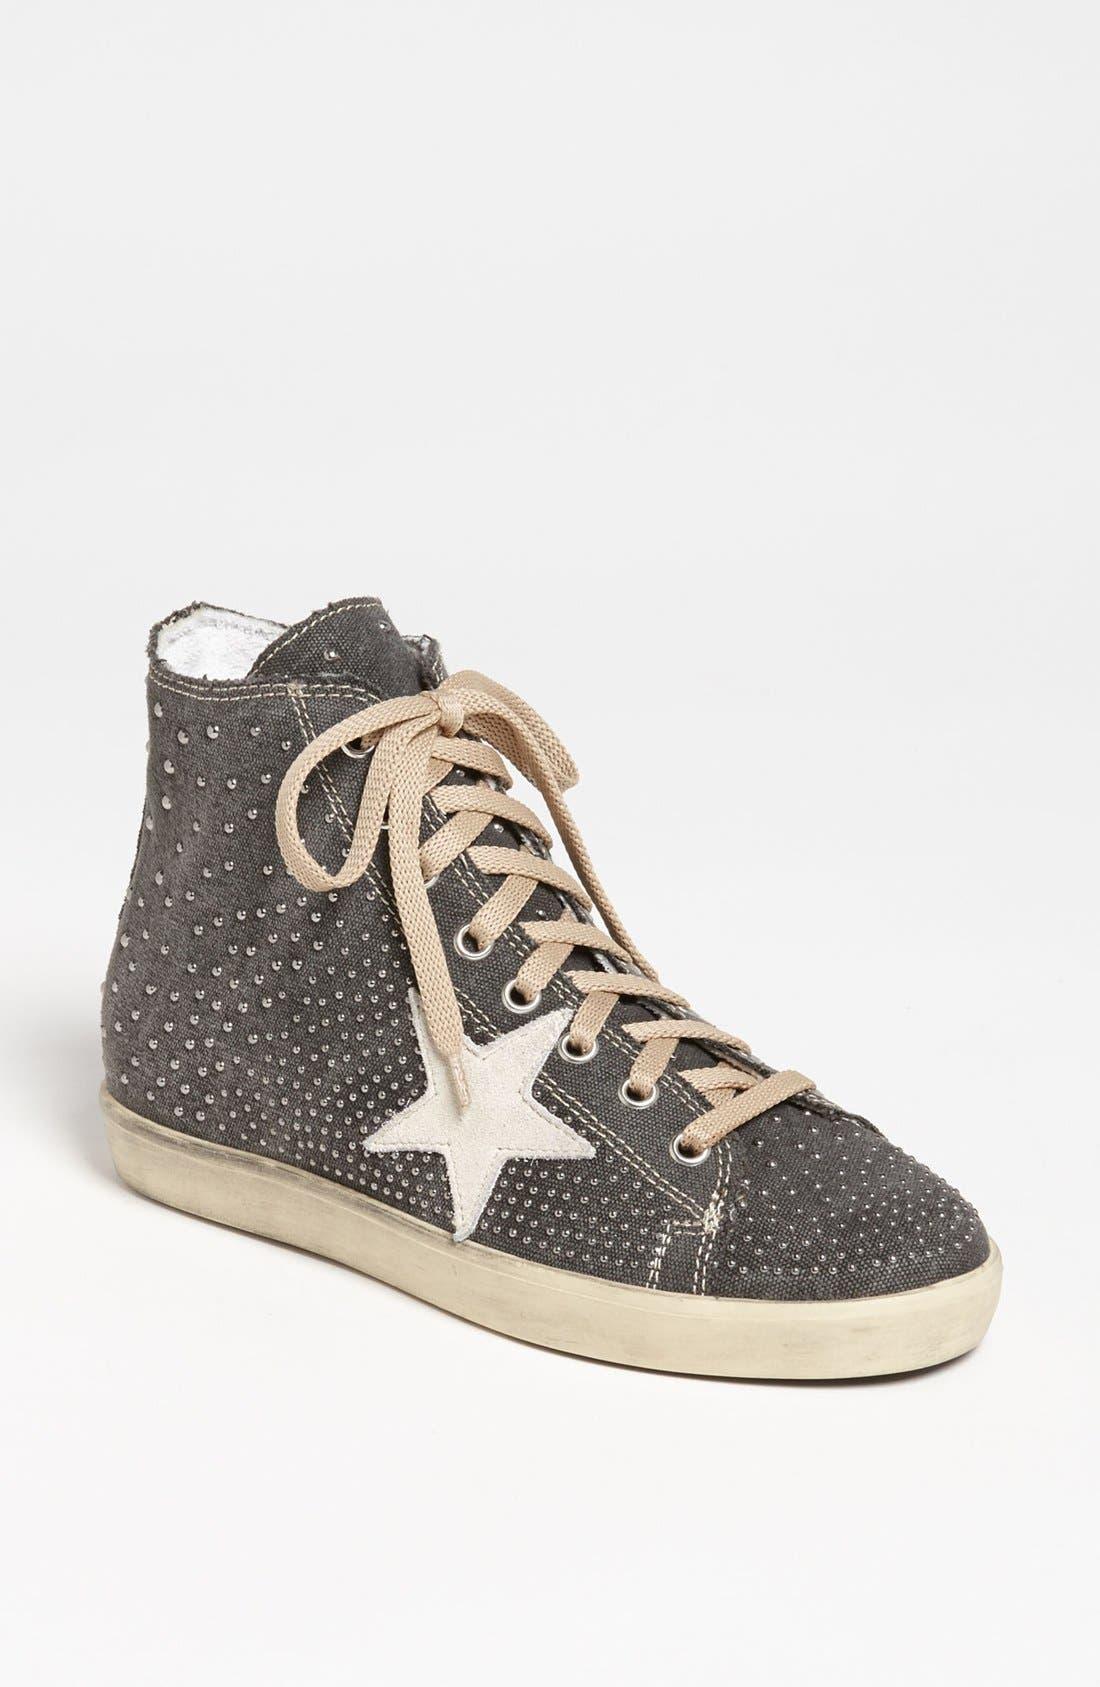 Alternate Image 1 Selected - Nana Studded Sneaker